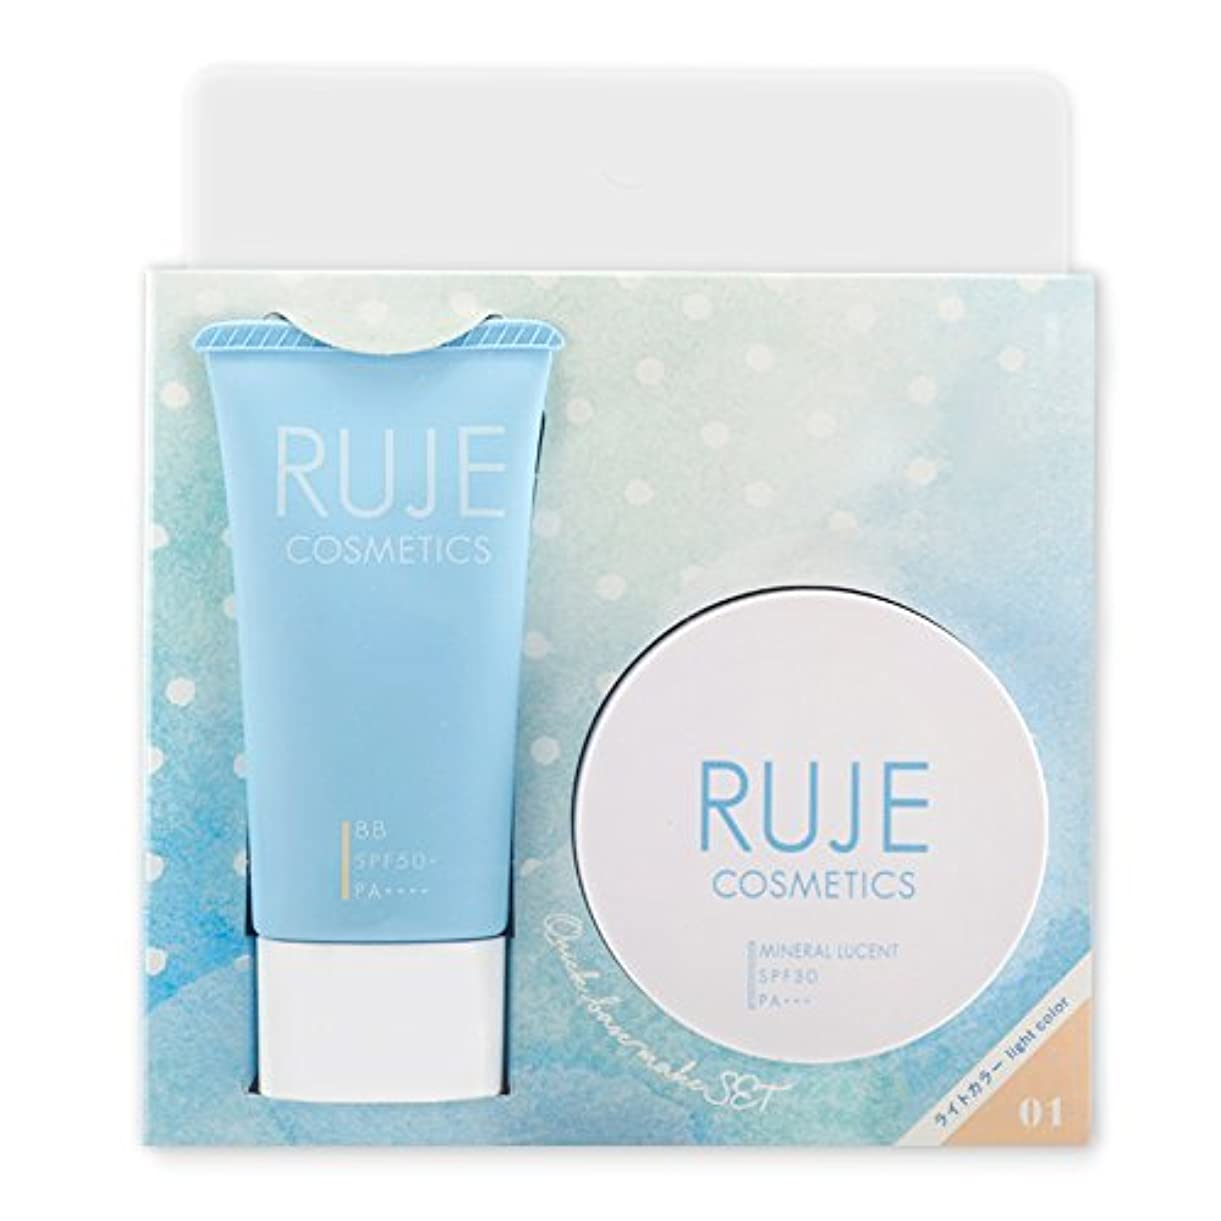 薬剤師立方体長方形RUJE クイックベースメークセット17 ライトカラー